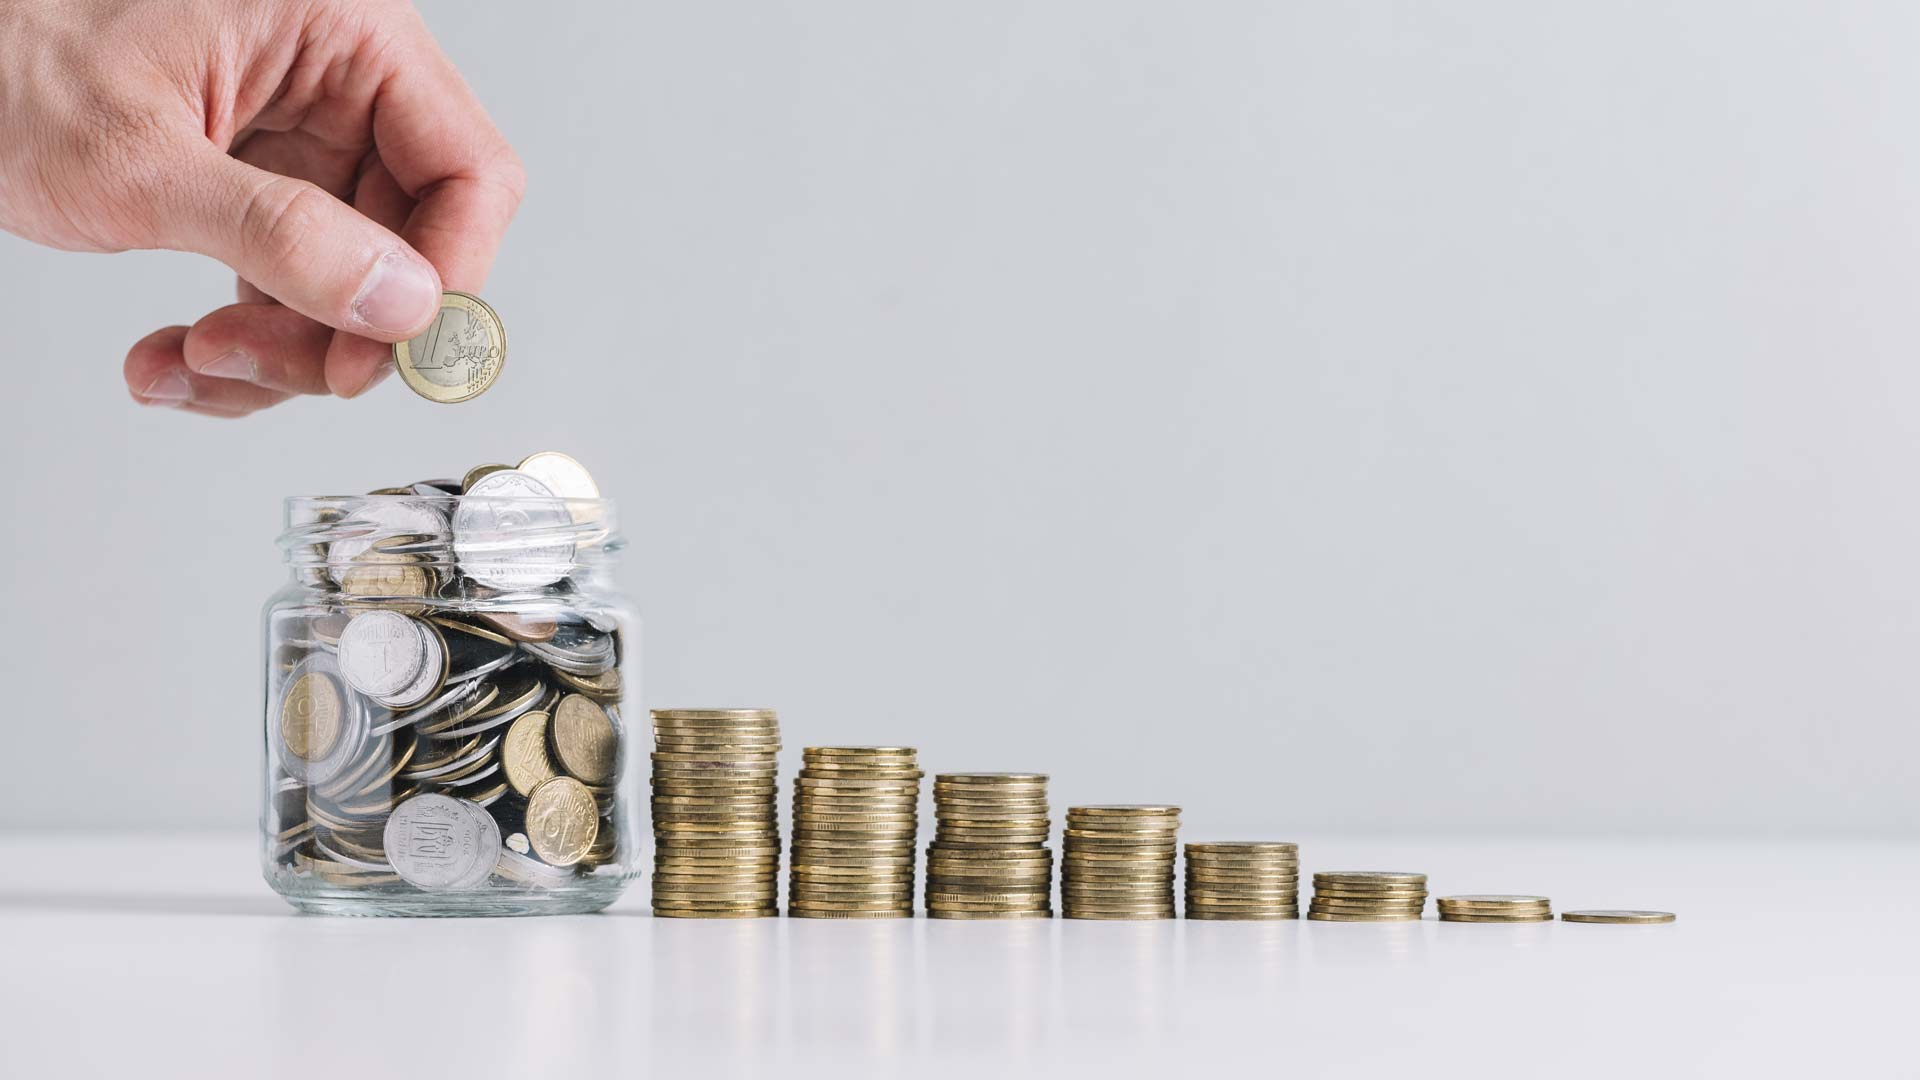 Servizi finanziari Cessione del Quinto - Prestimeglio